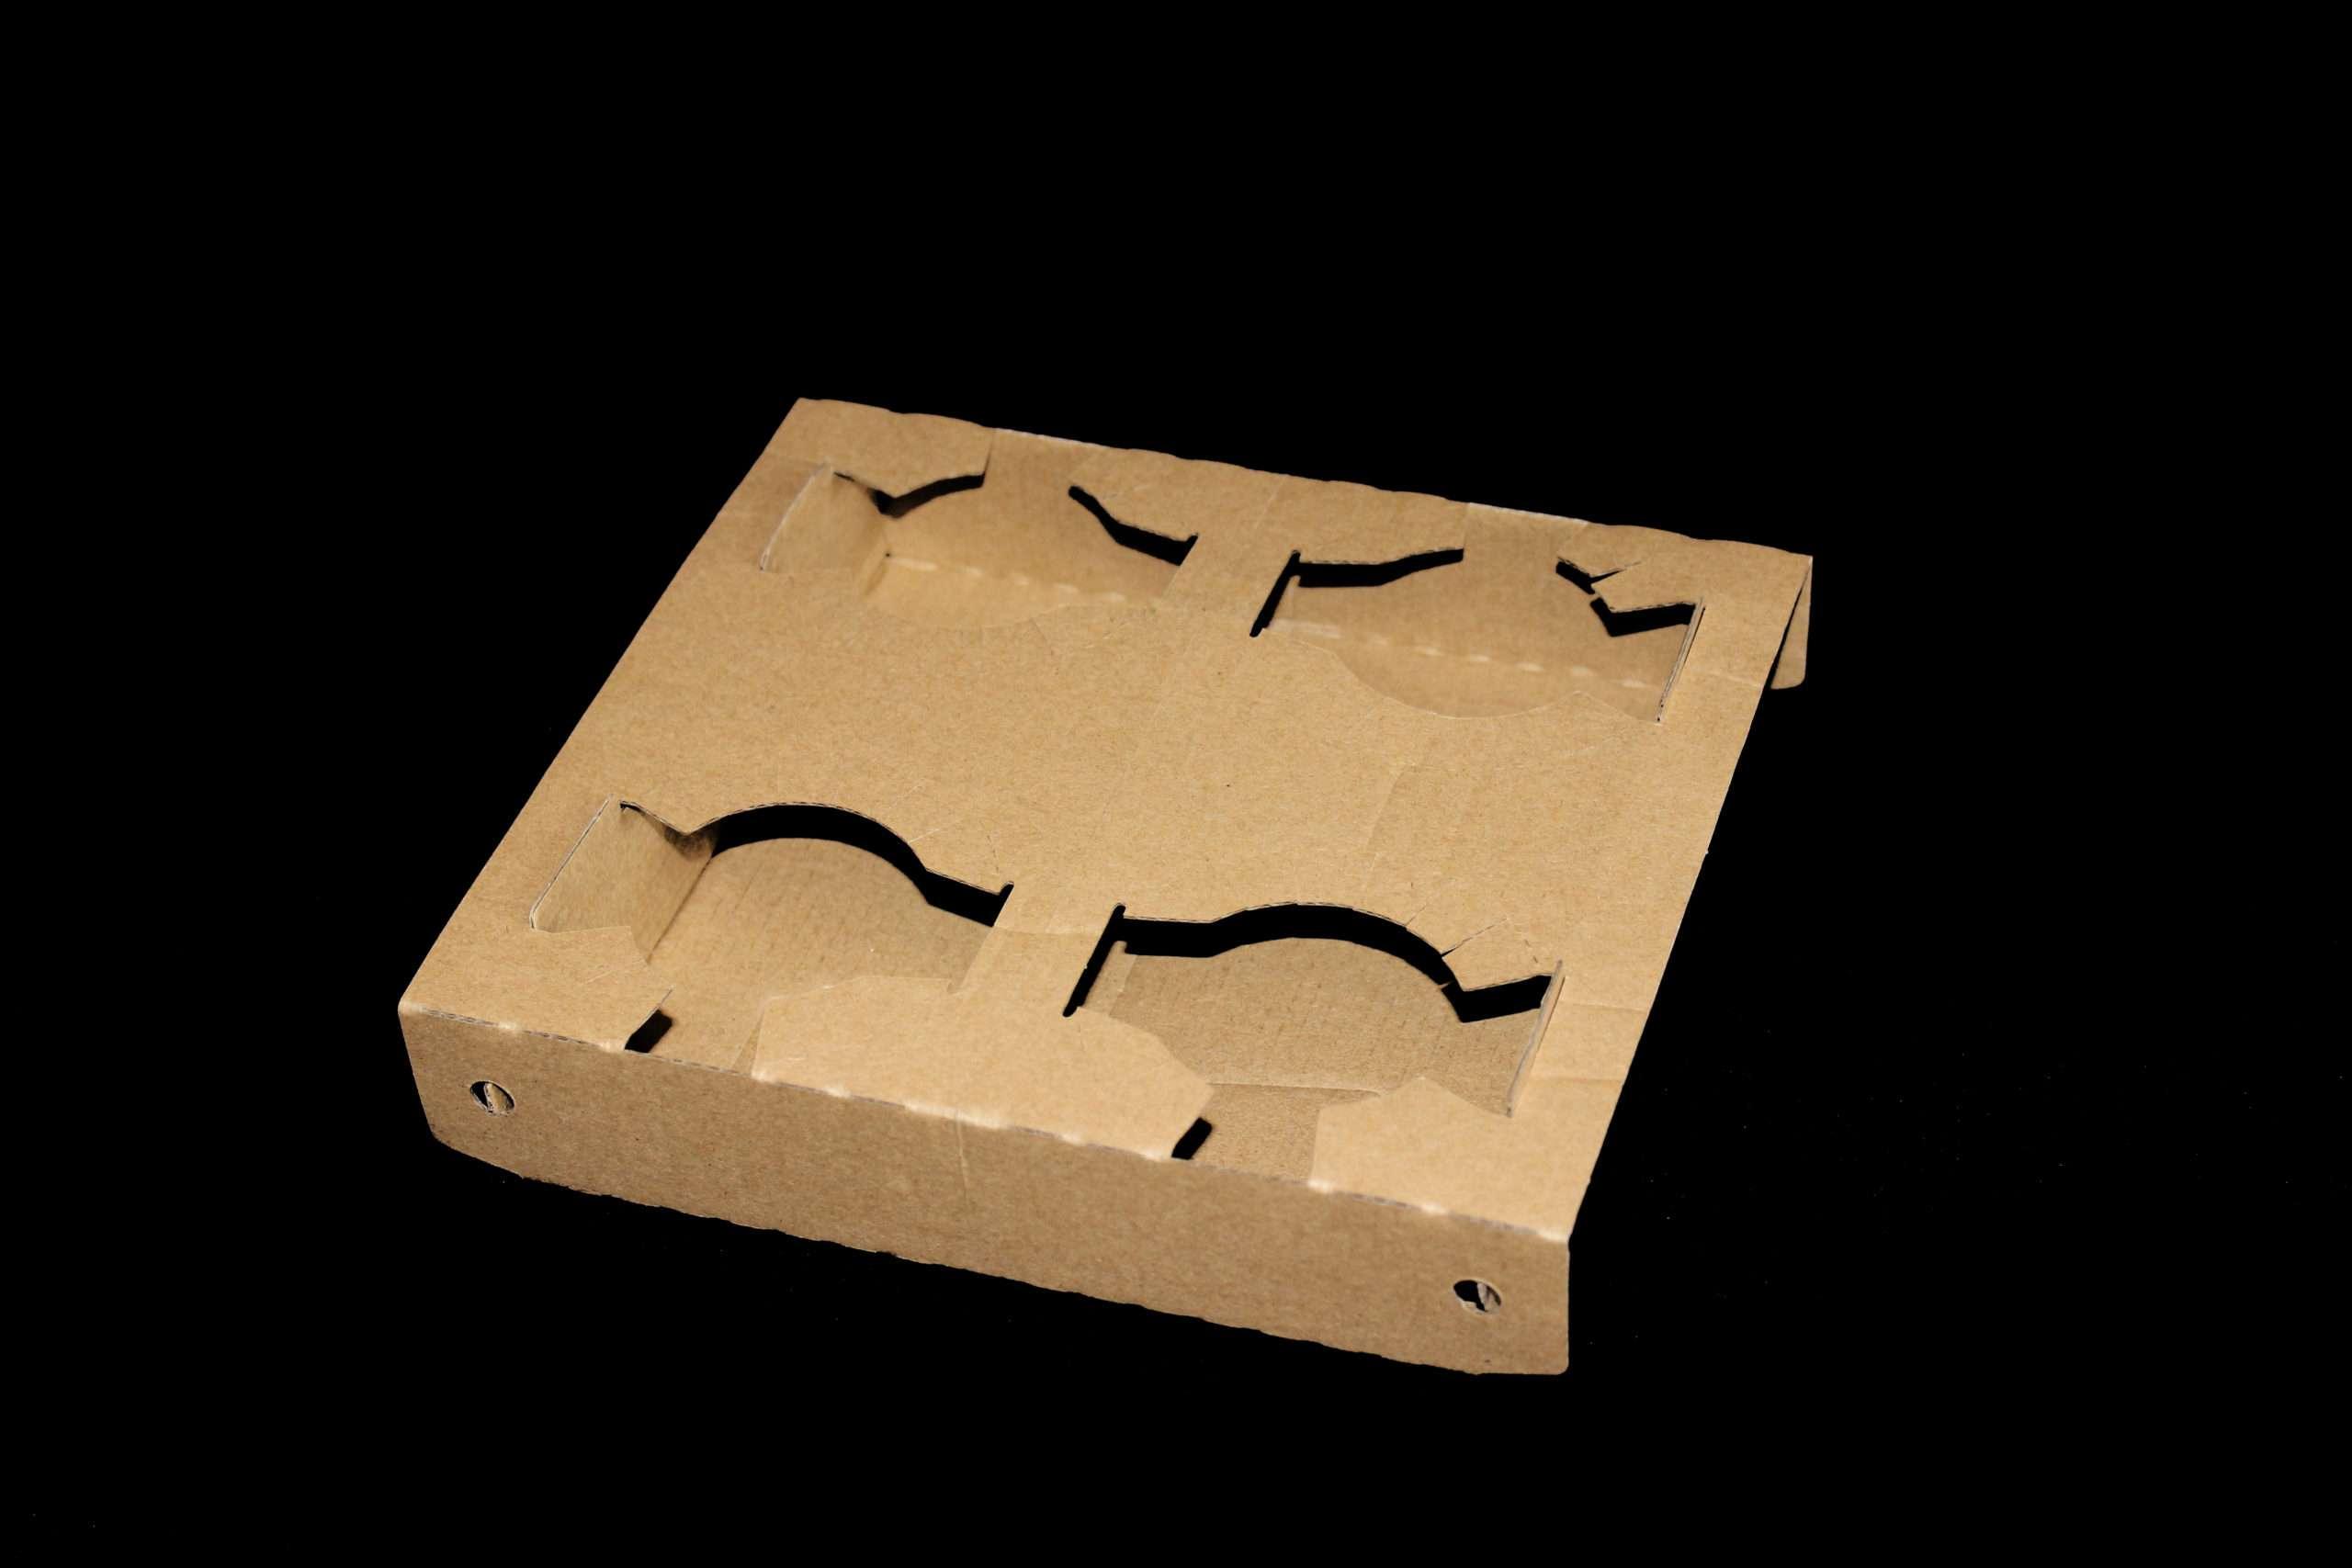 Suport pahar carton